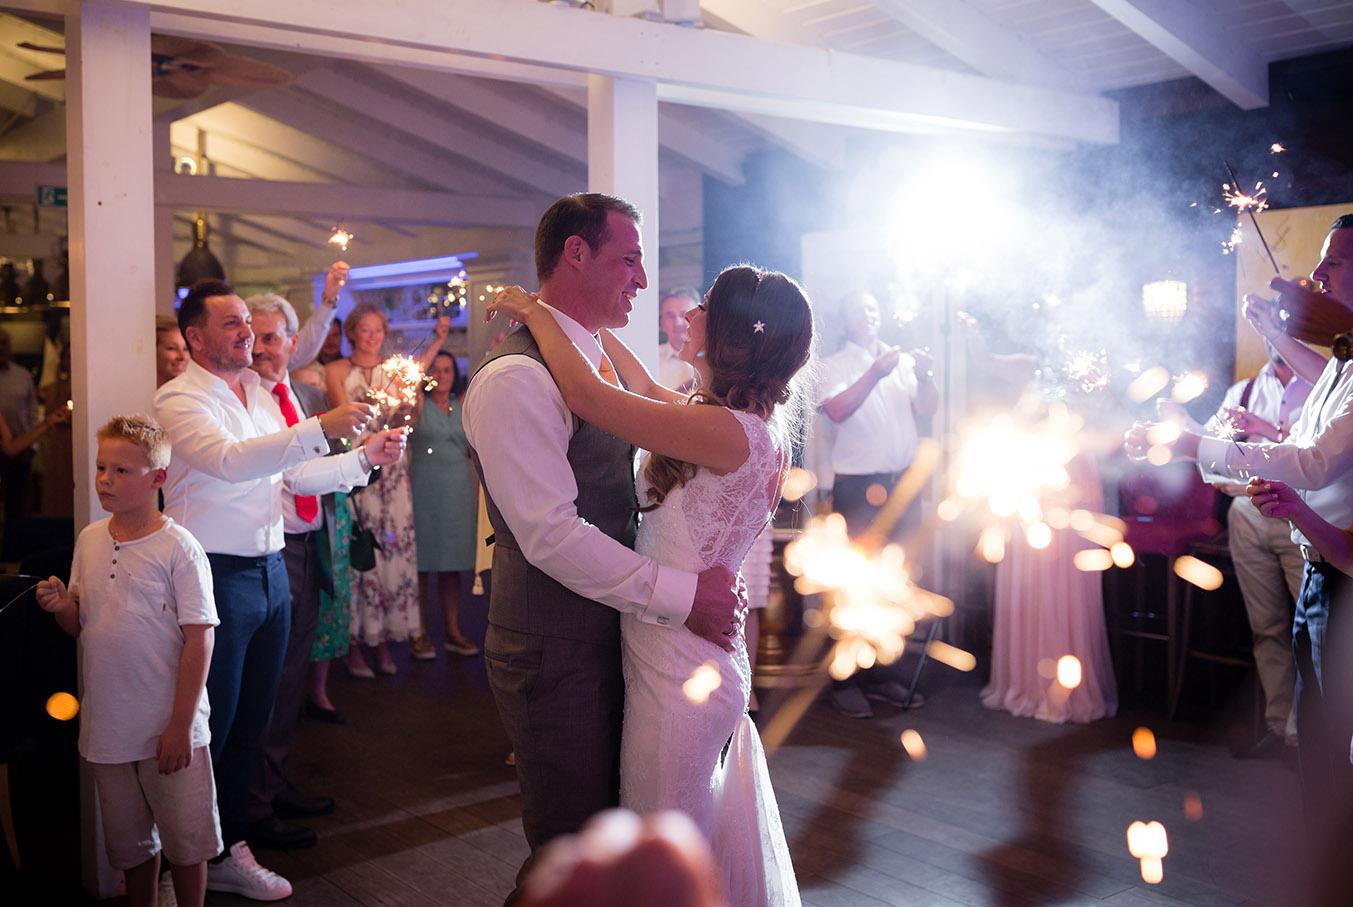 Vienna_Wien_Atzenbrugg_Hochzeit_Paar_Verlobung_Engagement_75